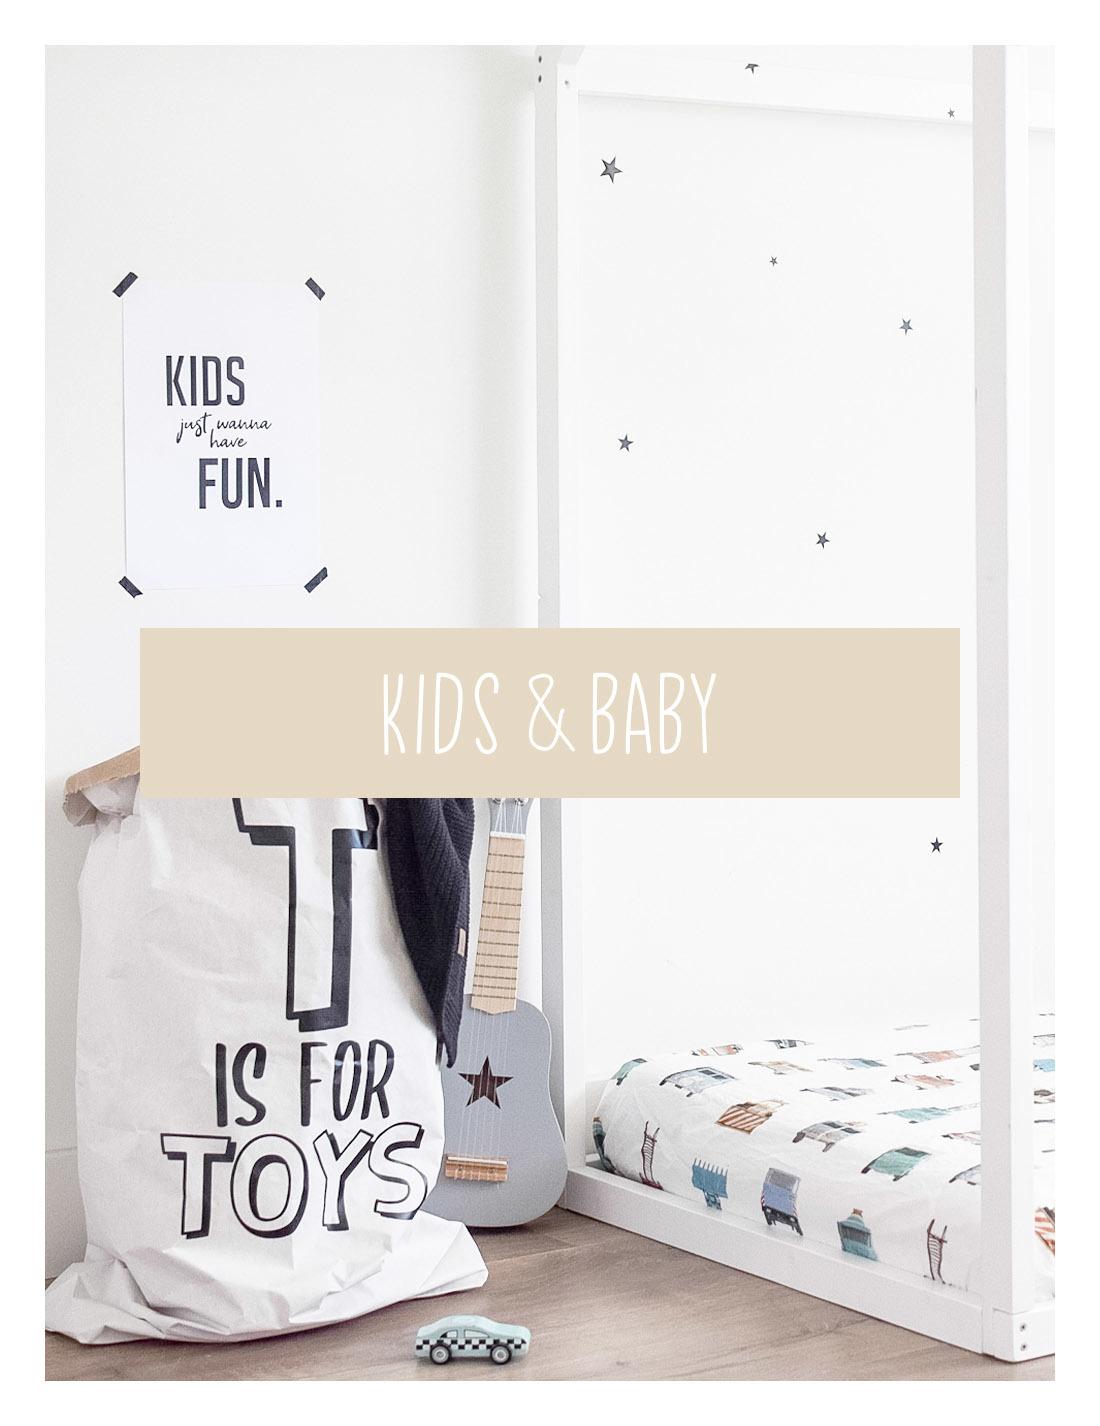 Kids & baby | Liefs met Hout